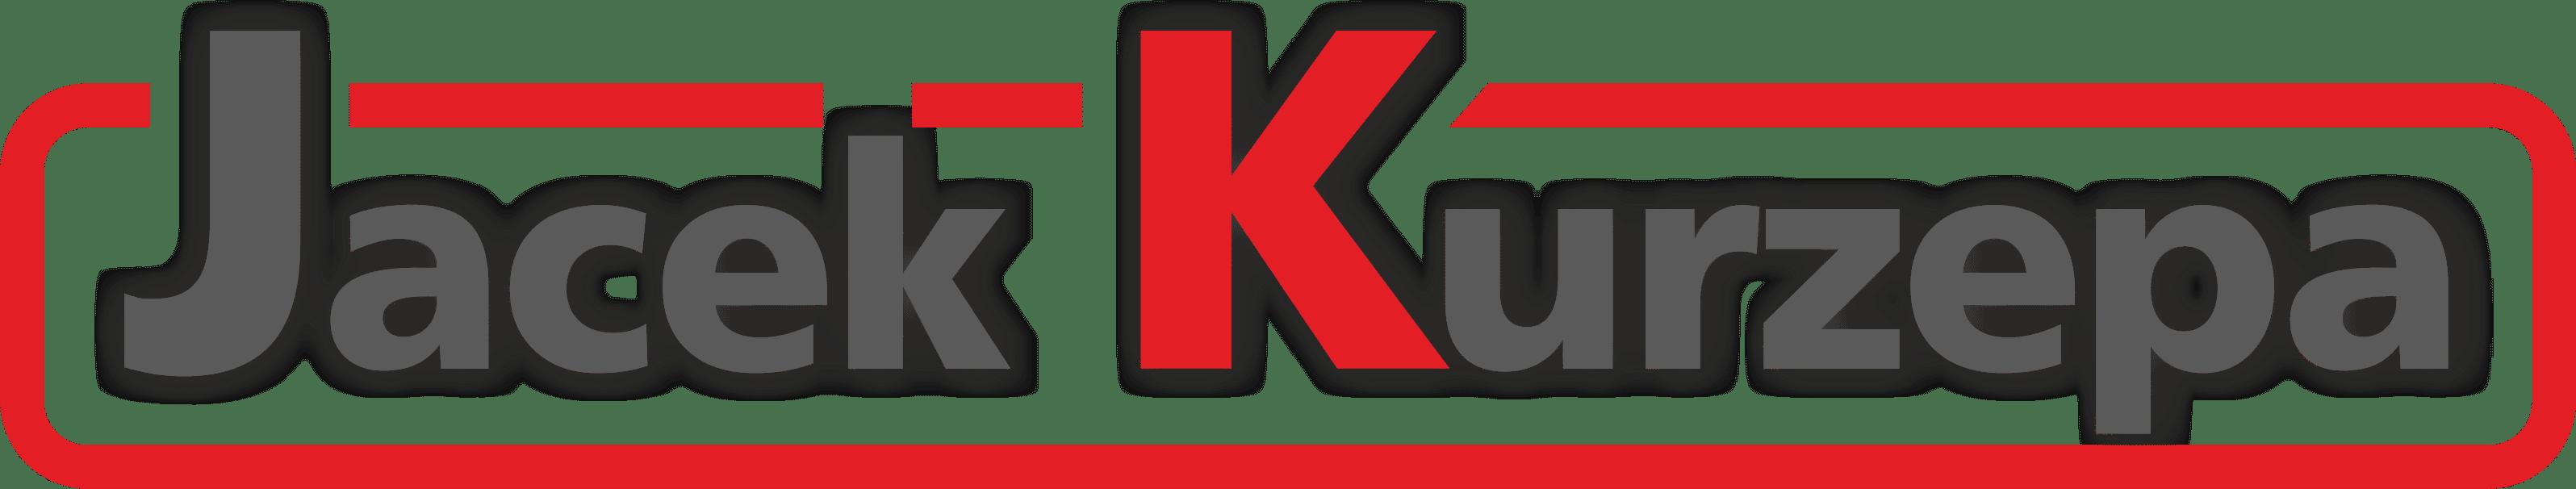 Jacek Kurzępa | Poseł PiS VIII Kadencji